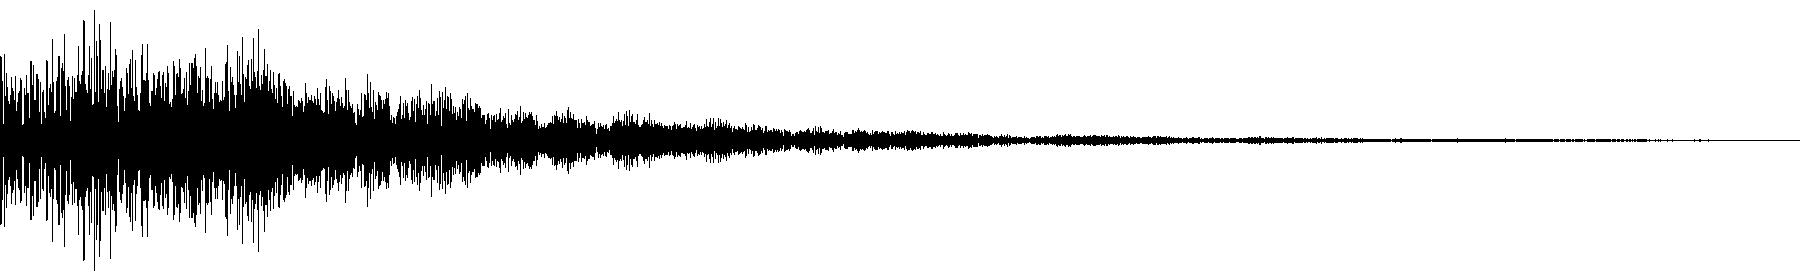 vedh synth cut 248 em9